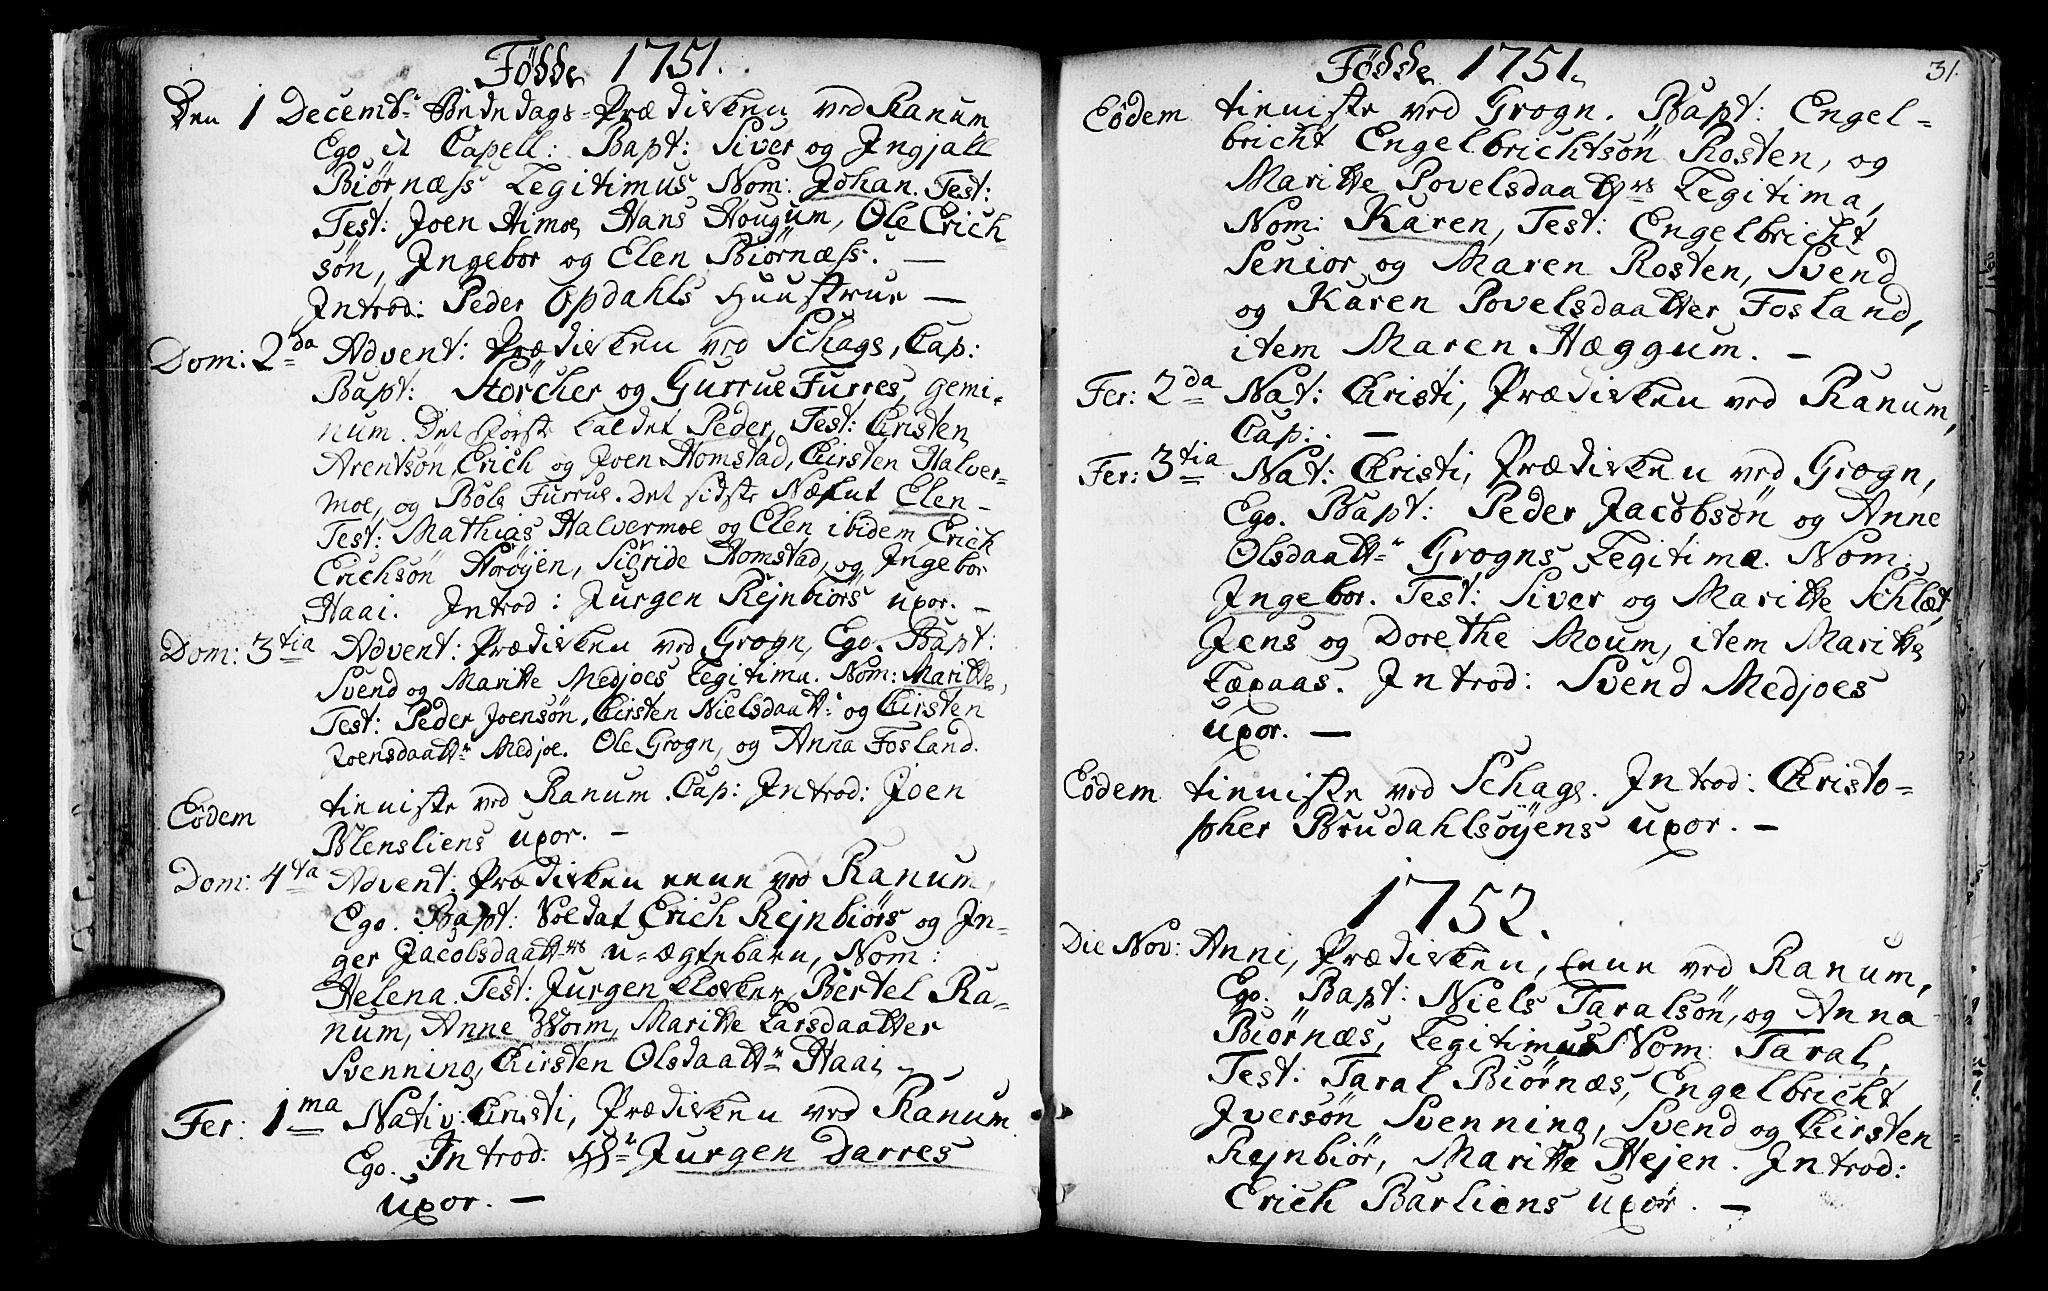 SAT, Ministerialprotokoller, klokkerbøker og fødselsregistre - Nord-Trøndelag, 764/L0542: Ministerialbok nr. 764A02, 1748-1779, s. 31